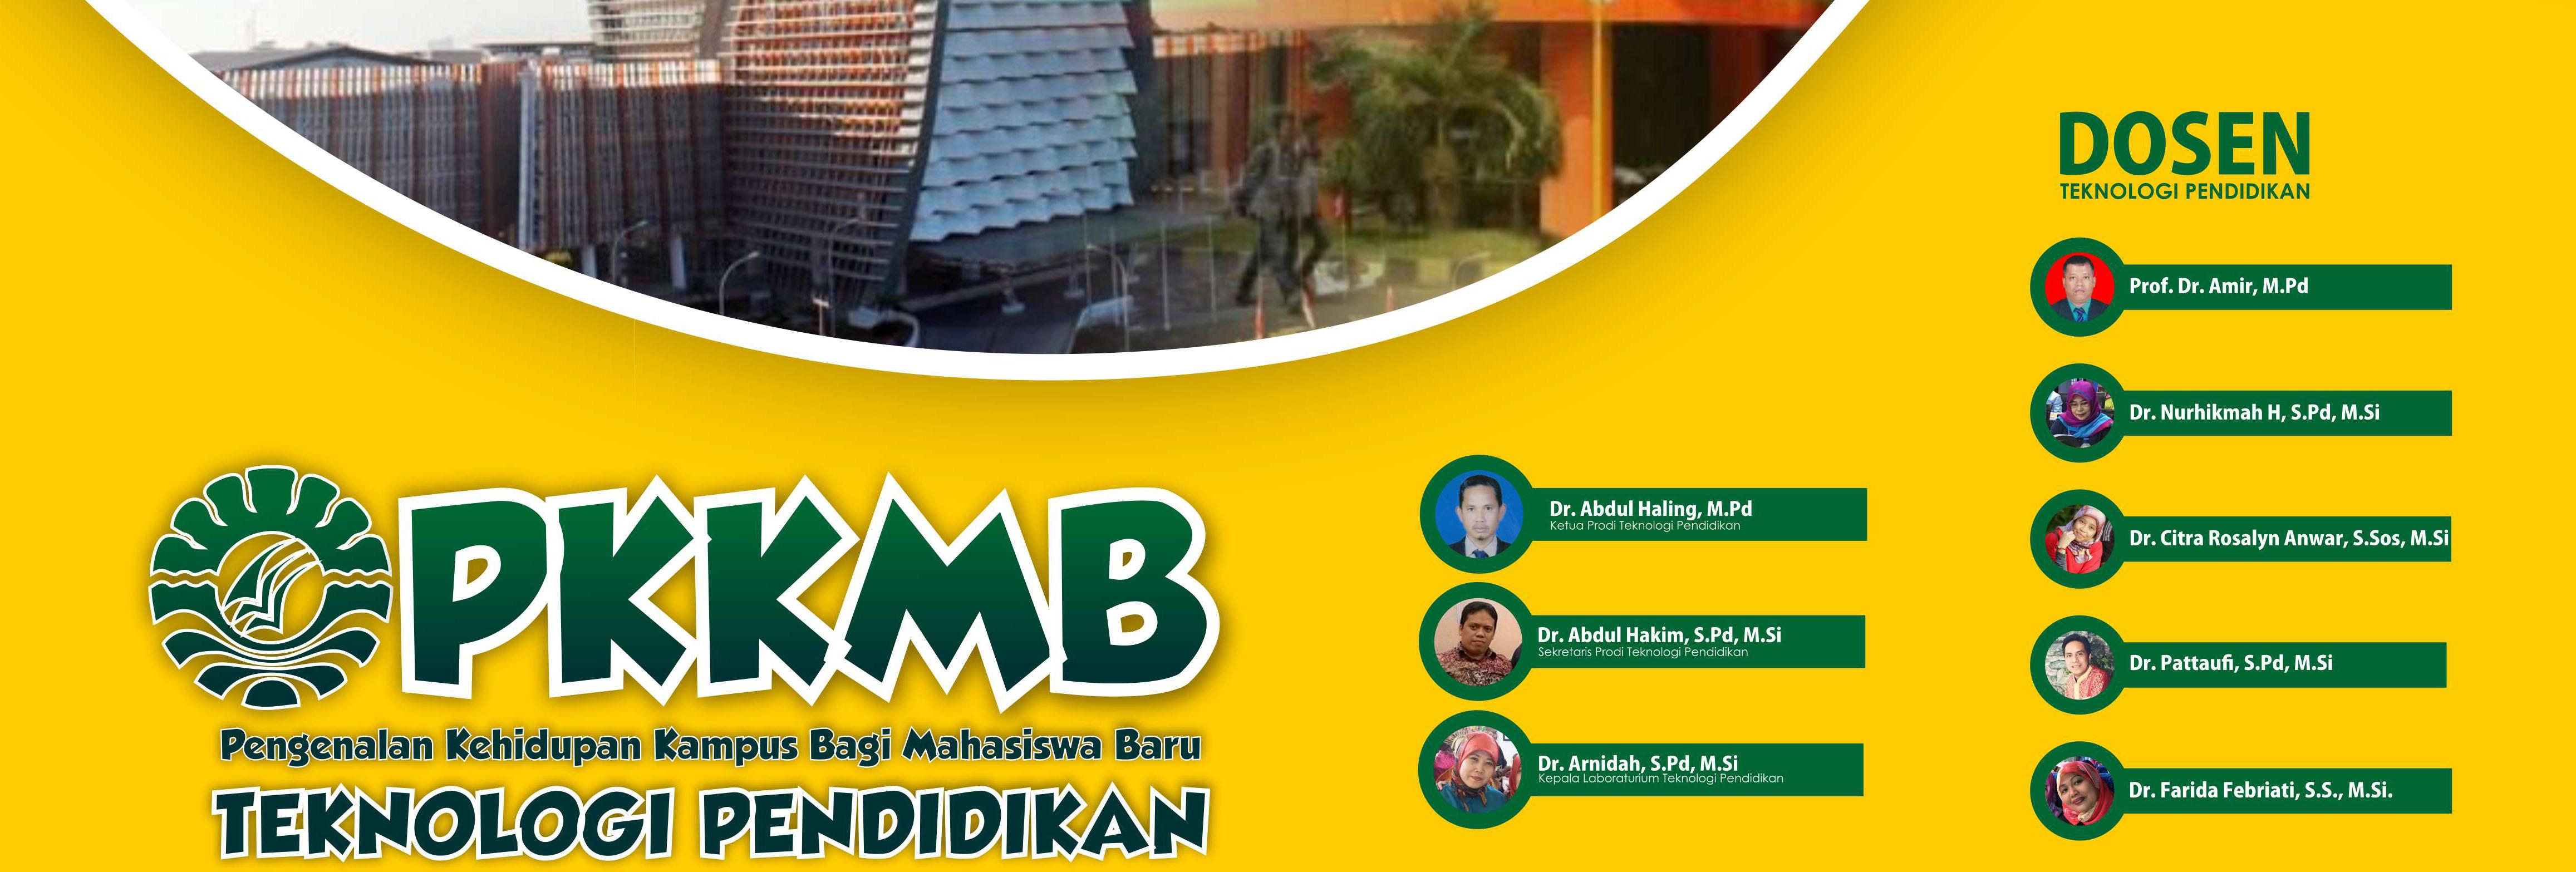 PKKMB Teknologi Pendidikan 2018